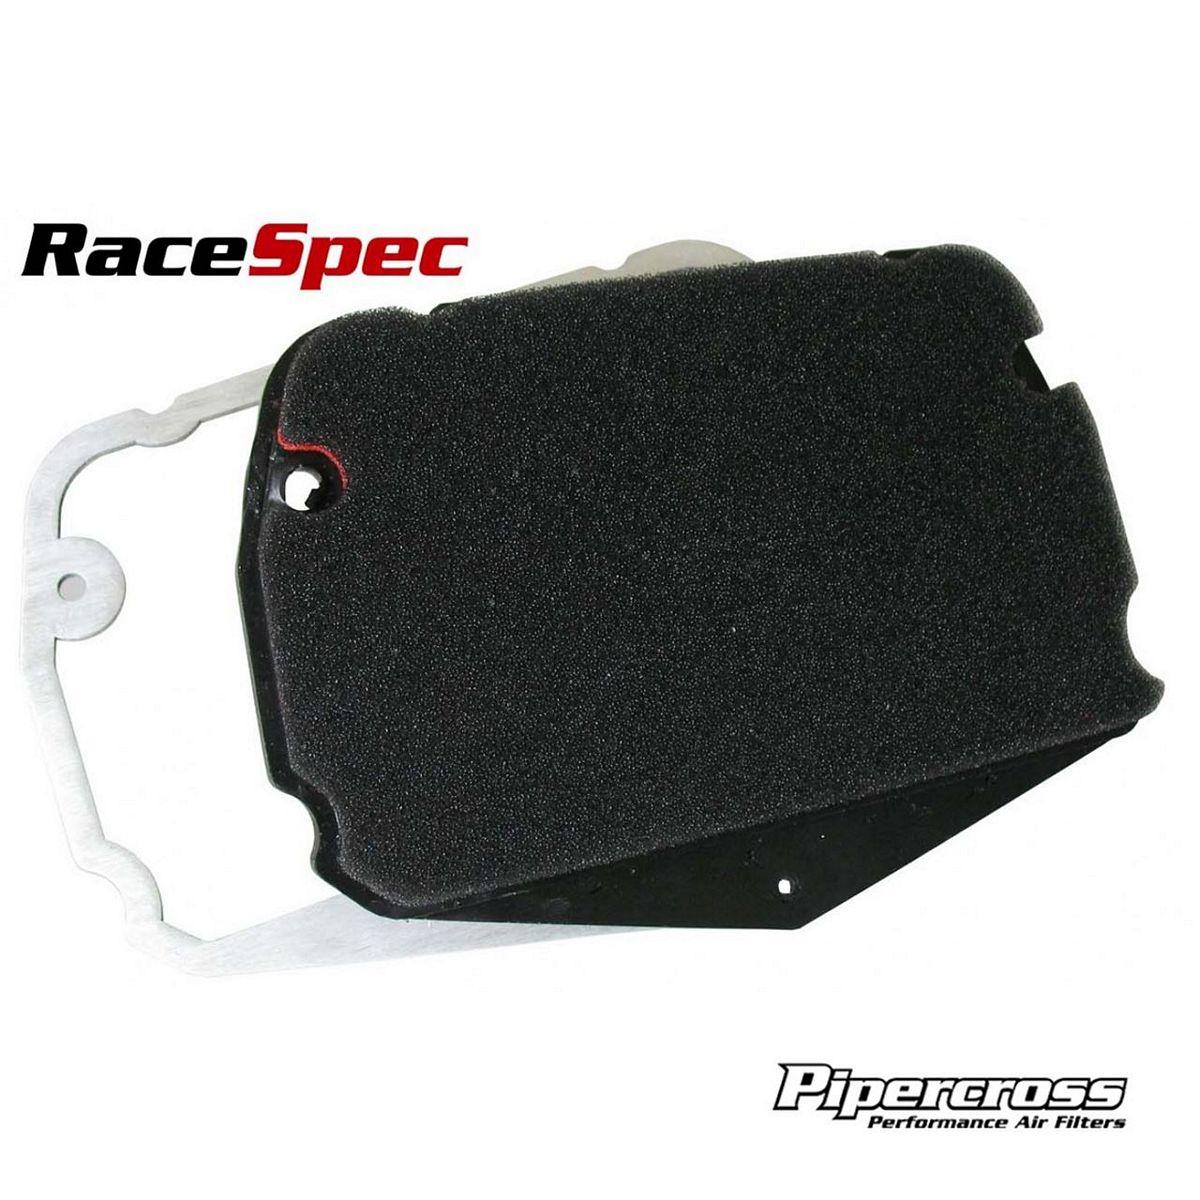 ΦΙΛΤΡΟ ΑΕΡΑ RACE SPEC PIPERCROSS APRILIA RSV4 '09-